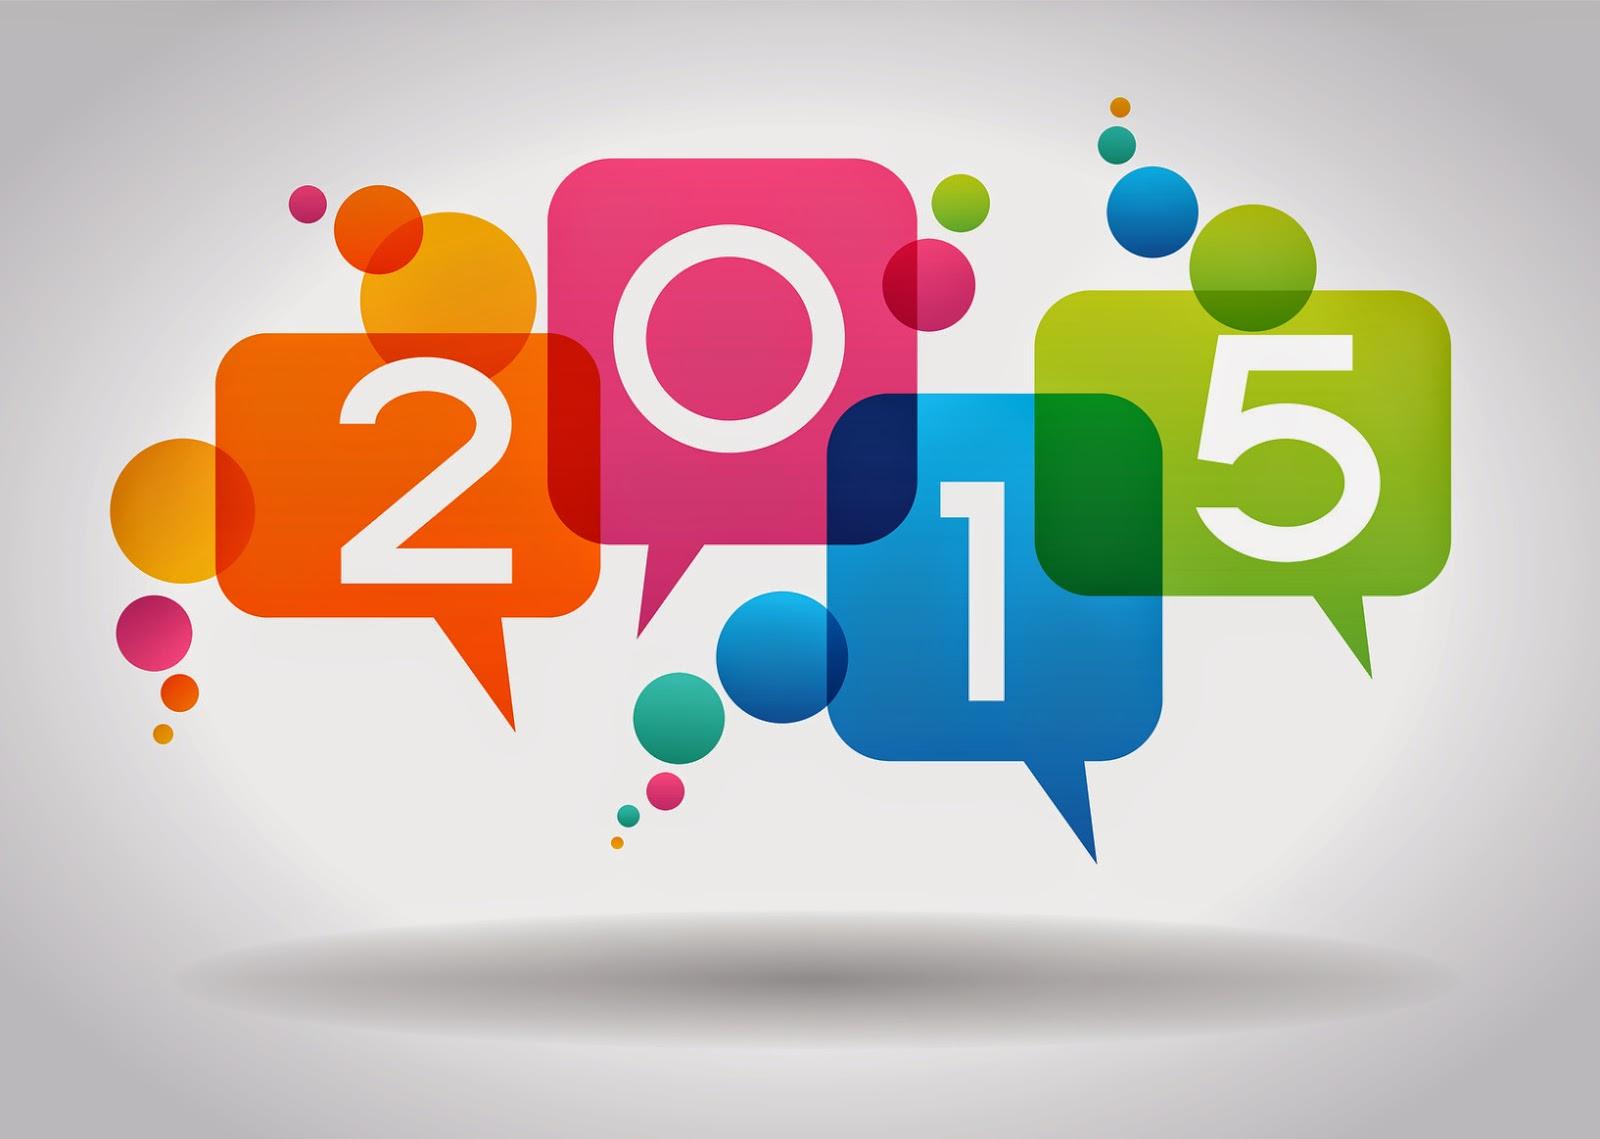 Selamat datang 2015